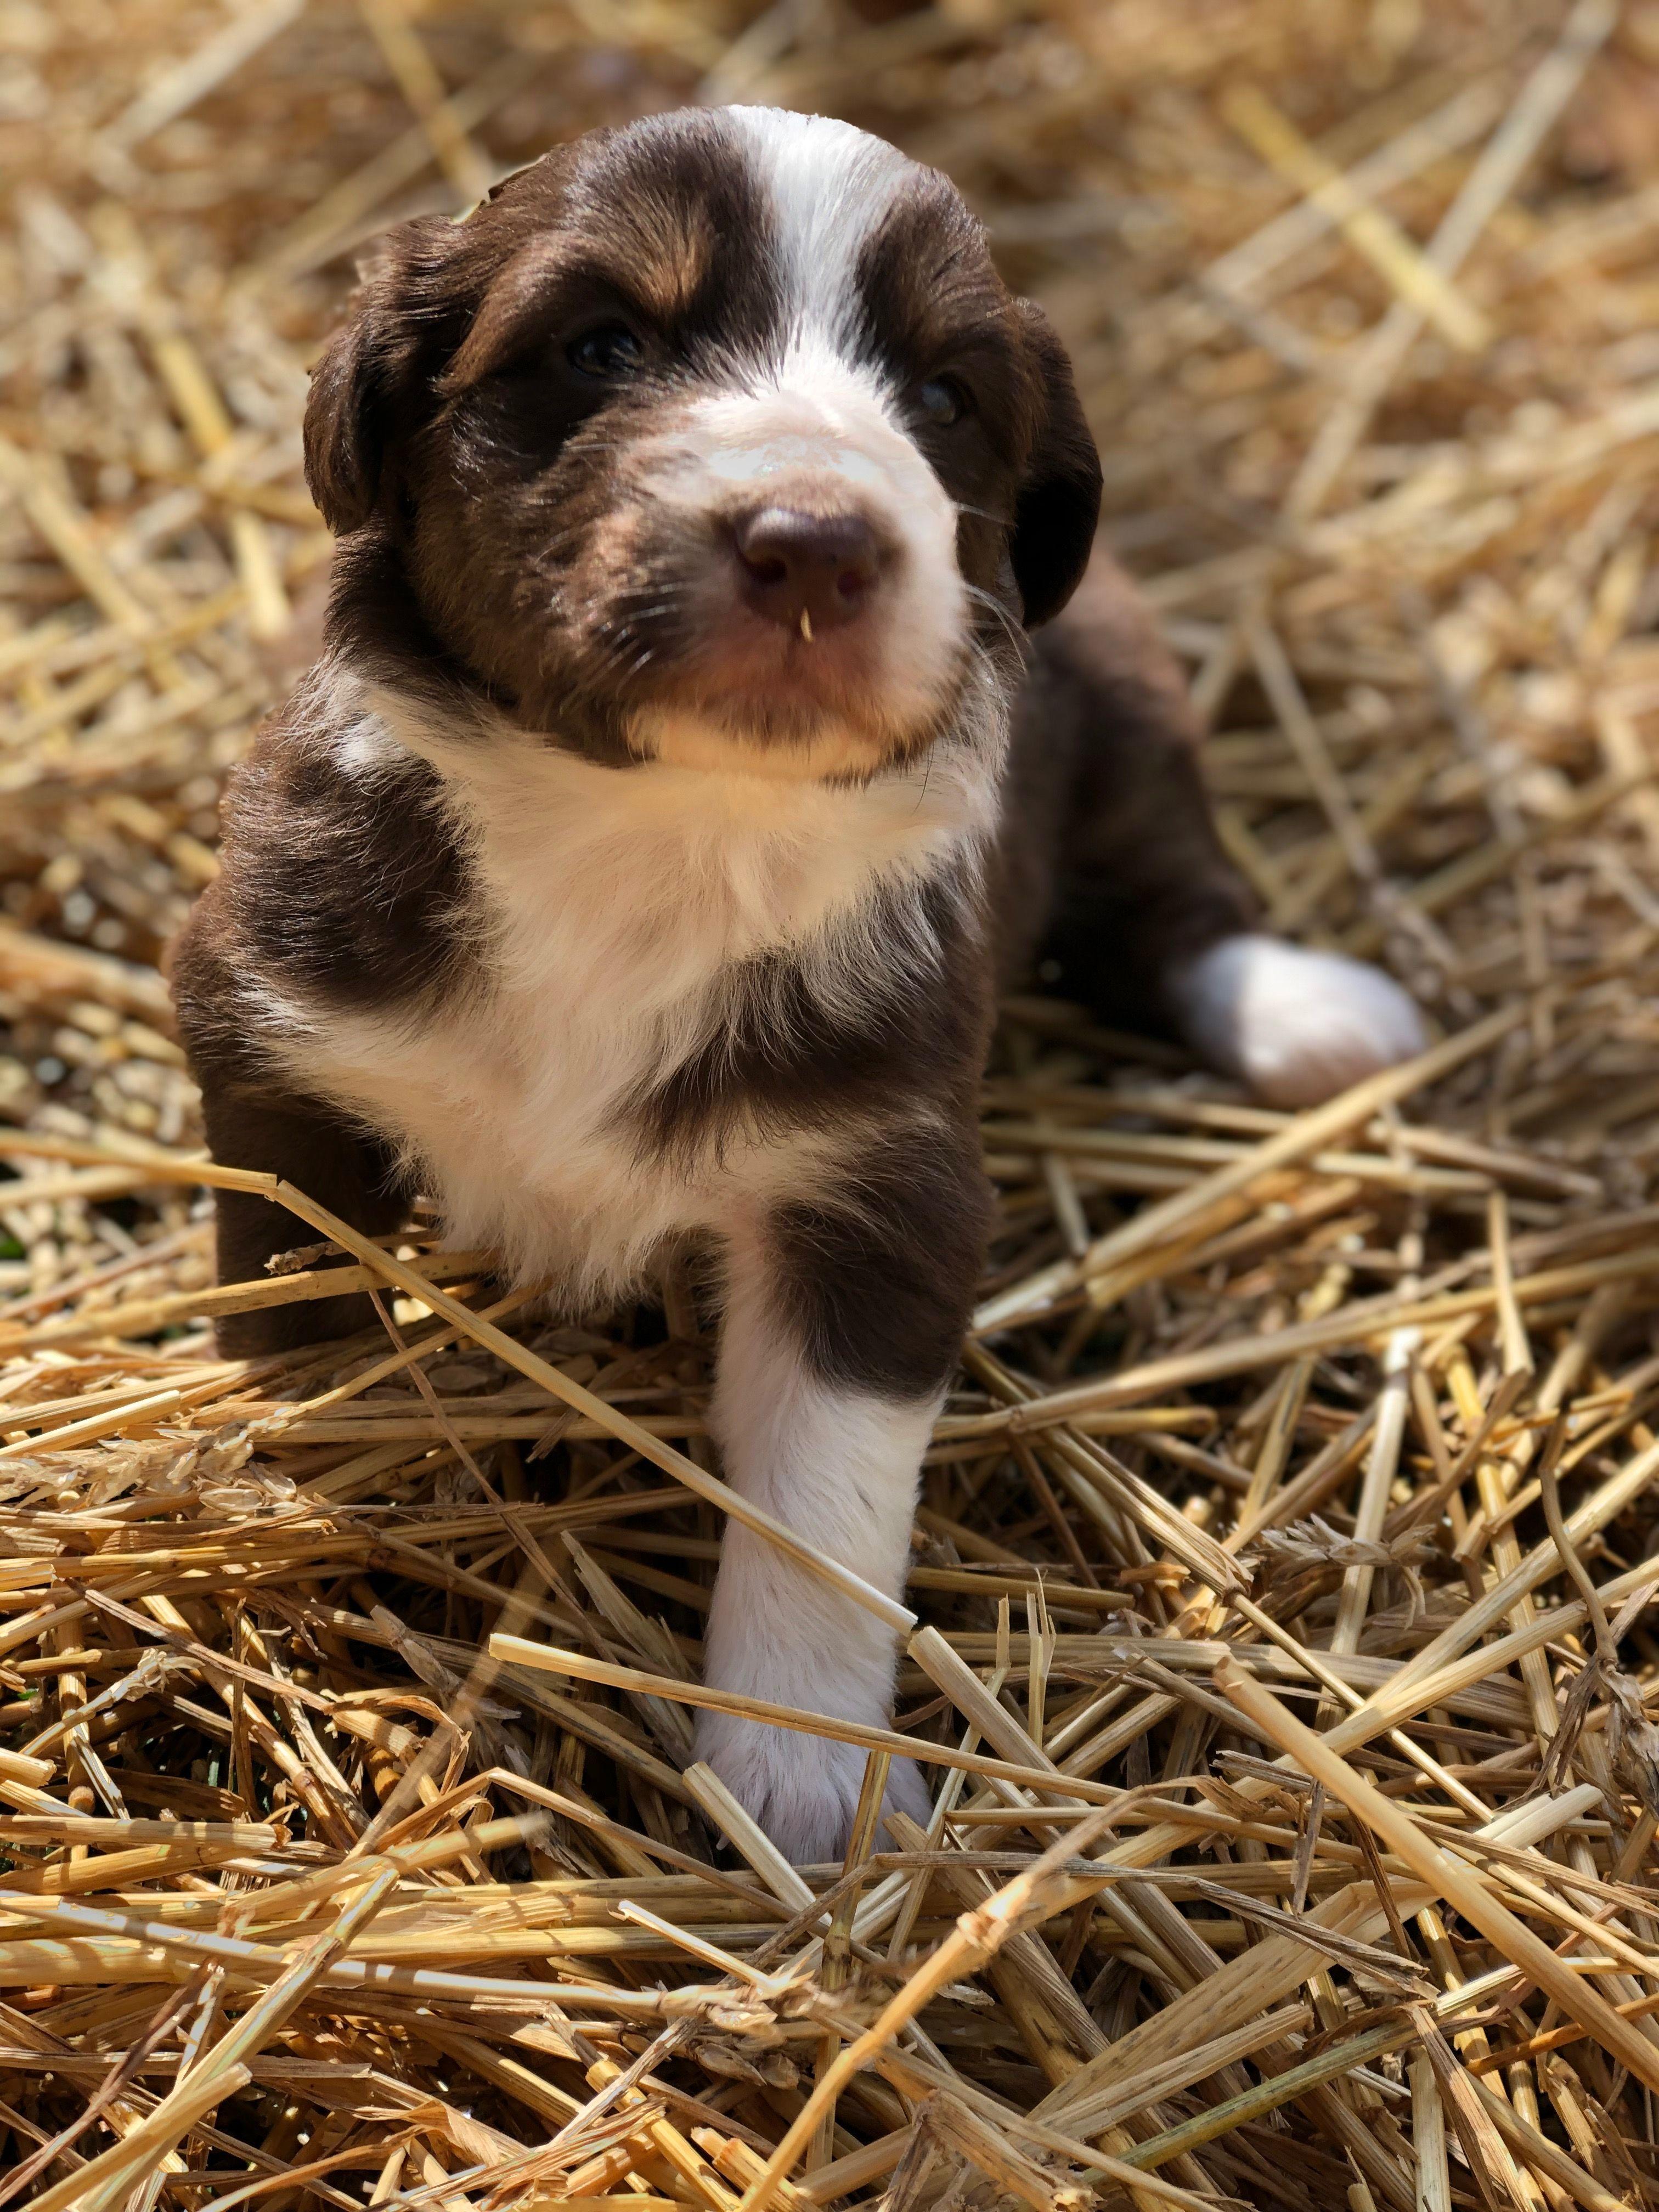 Maple a female ASDR/CKC Australian Shepherd puppy in